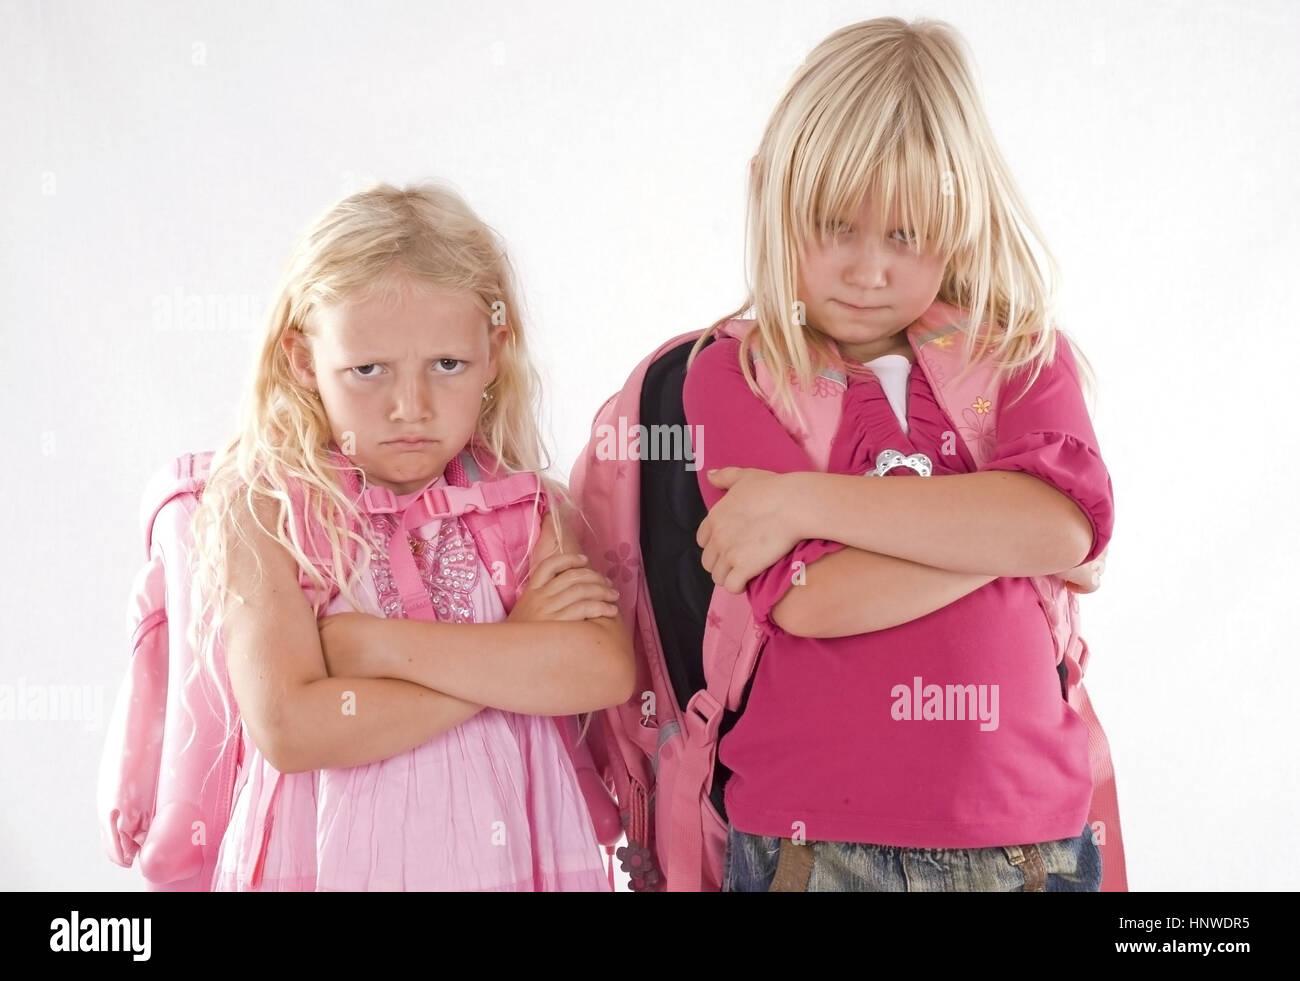 Model release, Maedchen moegen Schule nicht - girl don¥t like school Stock Photo